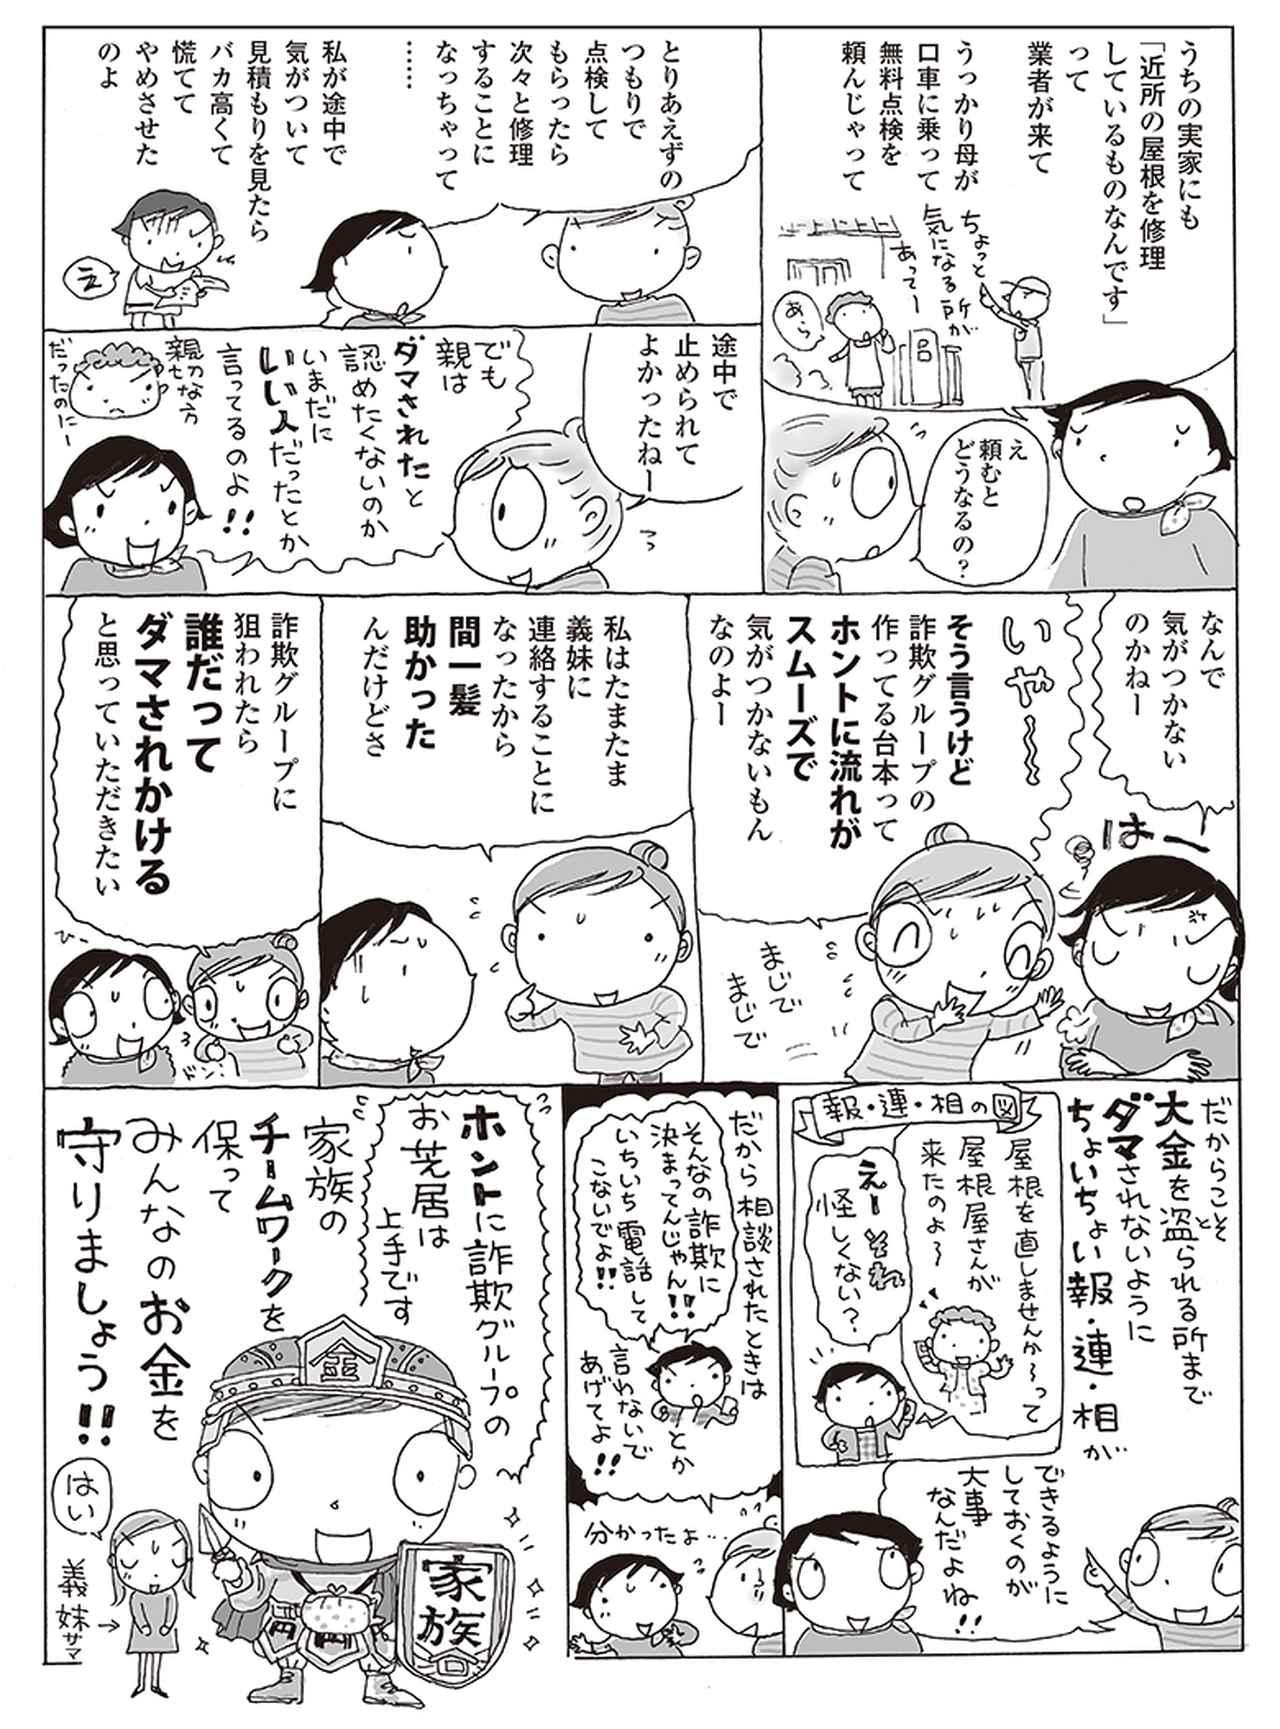 画像6: 【実録マンガ】 引っ掛かりかけたよ!ニセ電話詐欺!